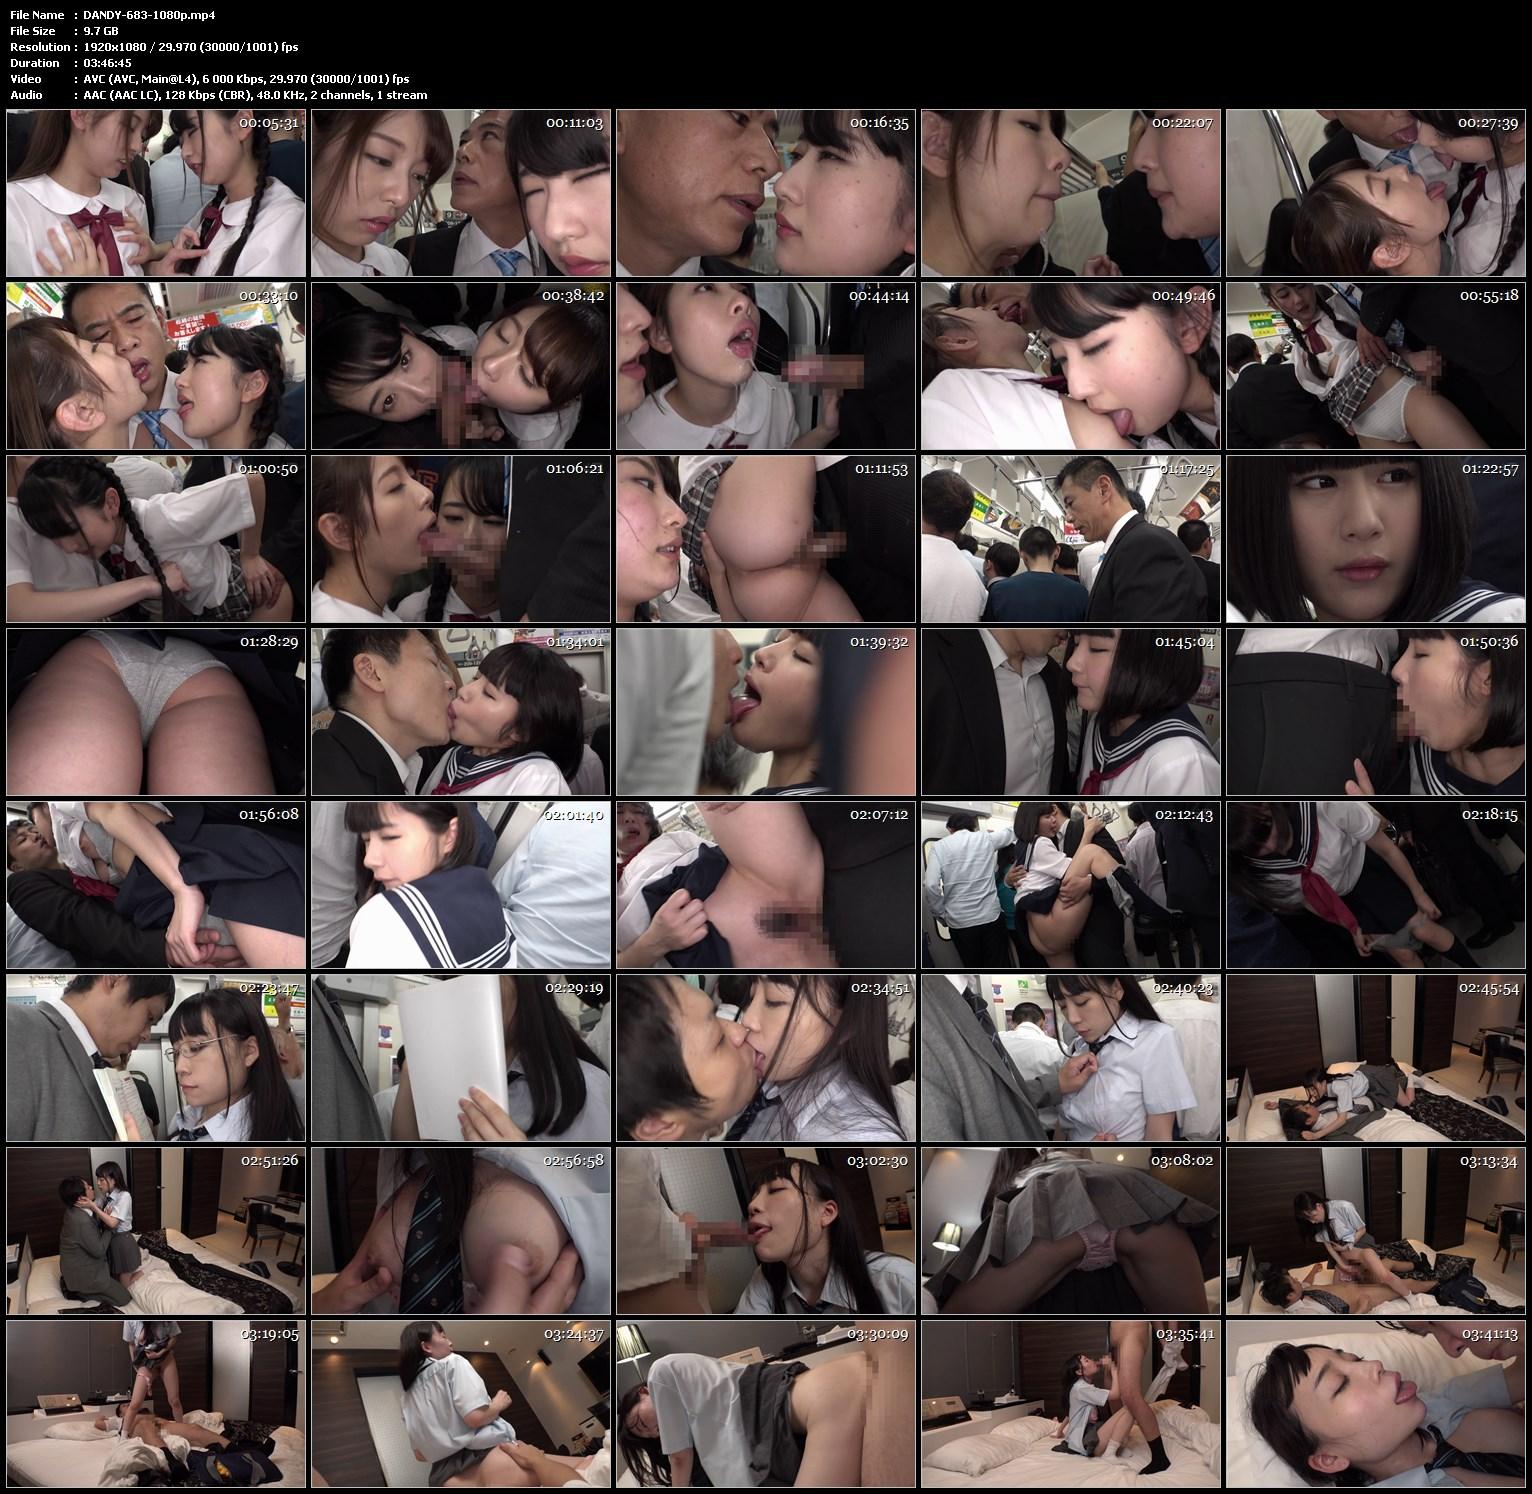 DANDY-683-1080p.mp4.jpg